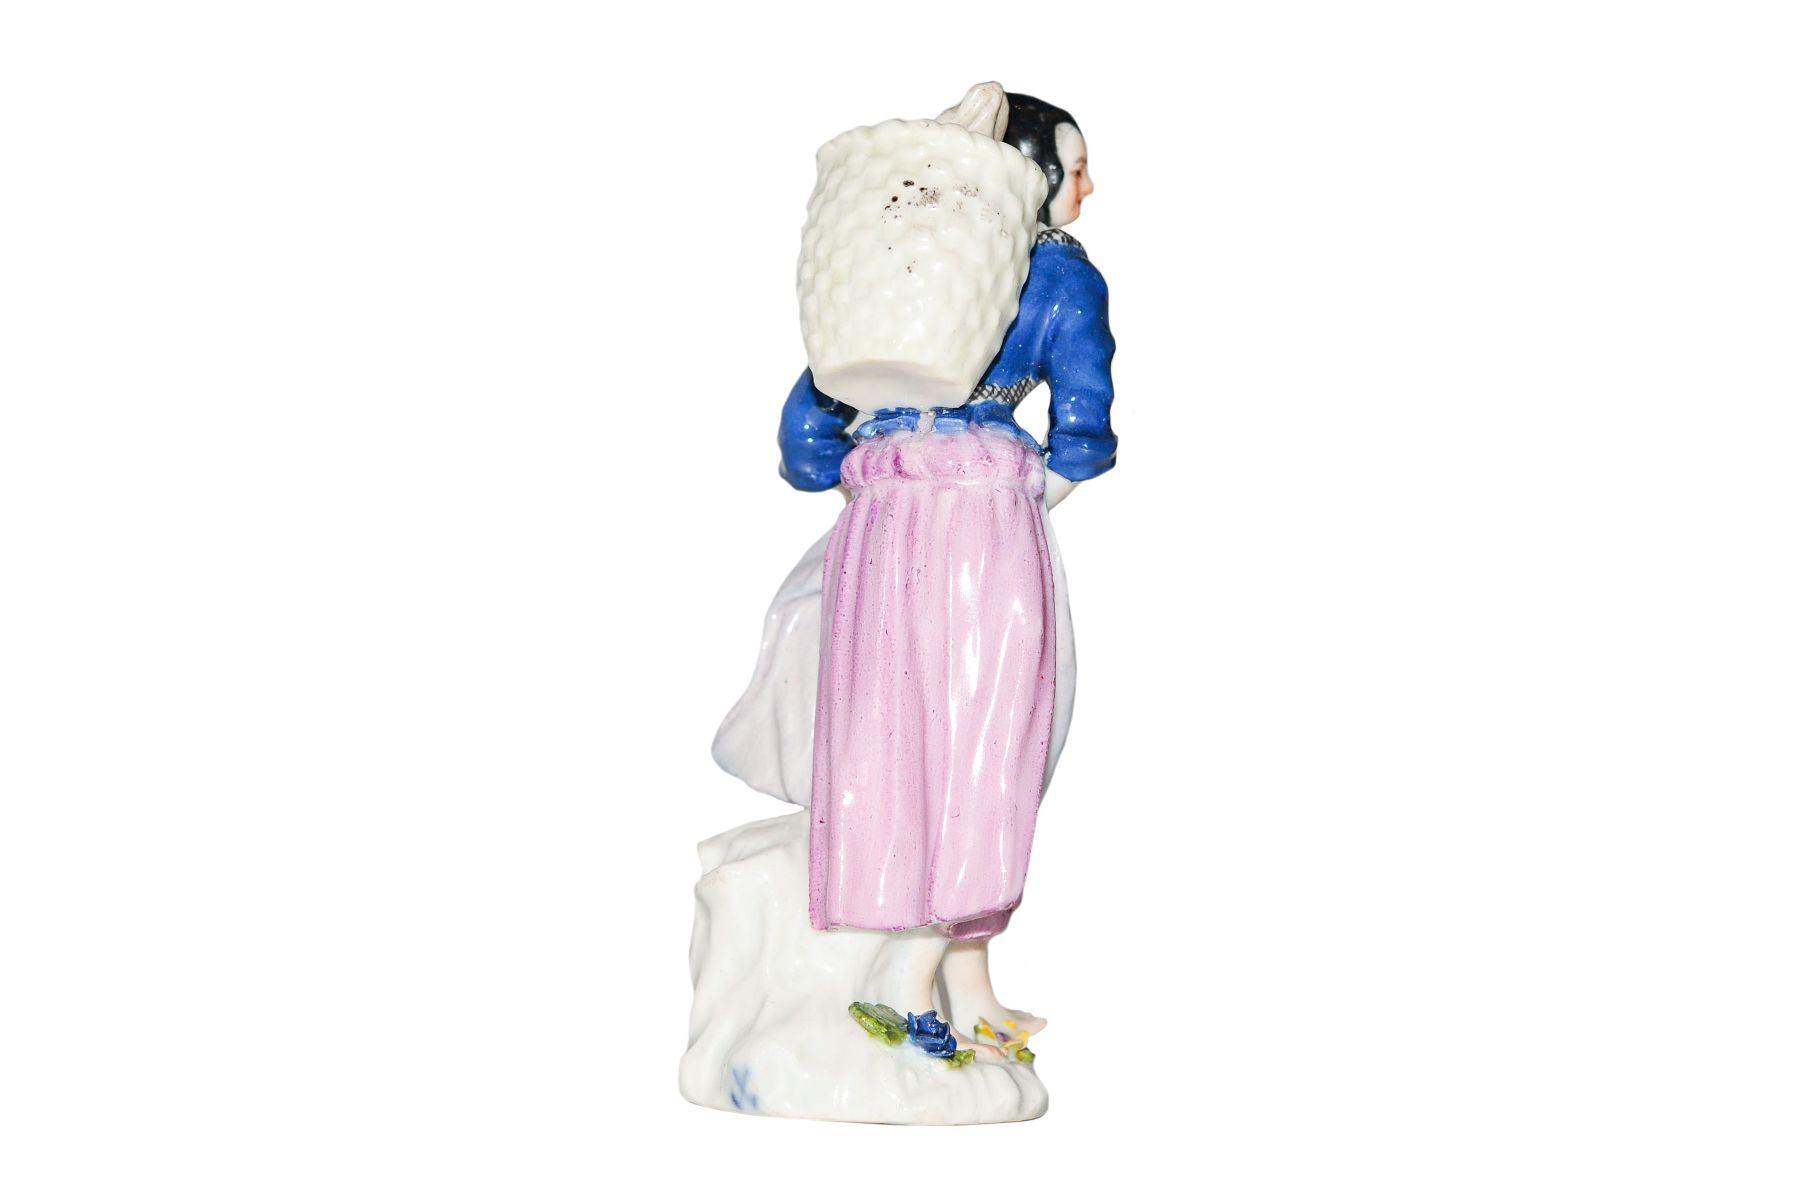 Marktfrau mit Kippe Meissen 1750 - Bild 2 aus 2